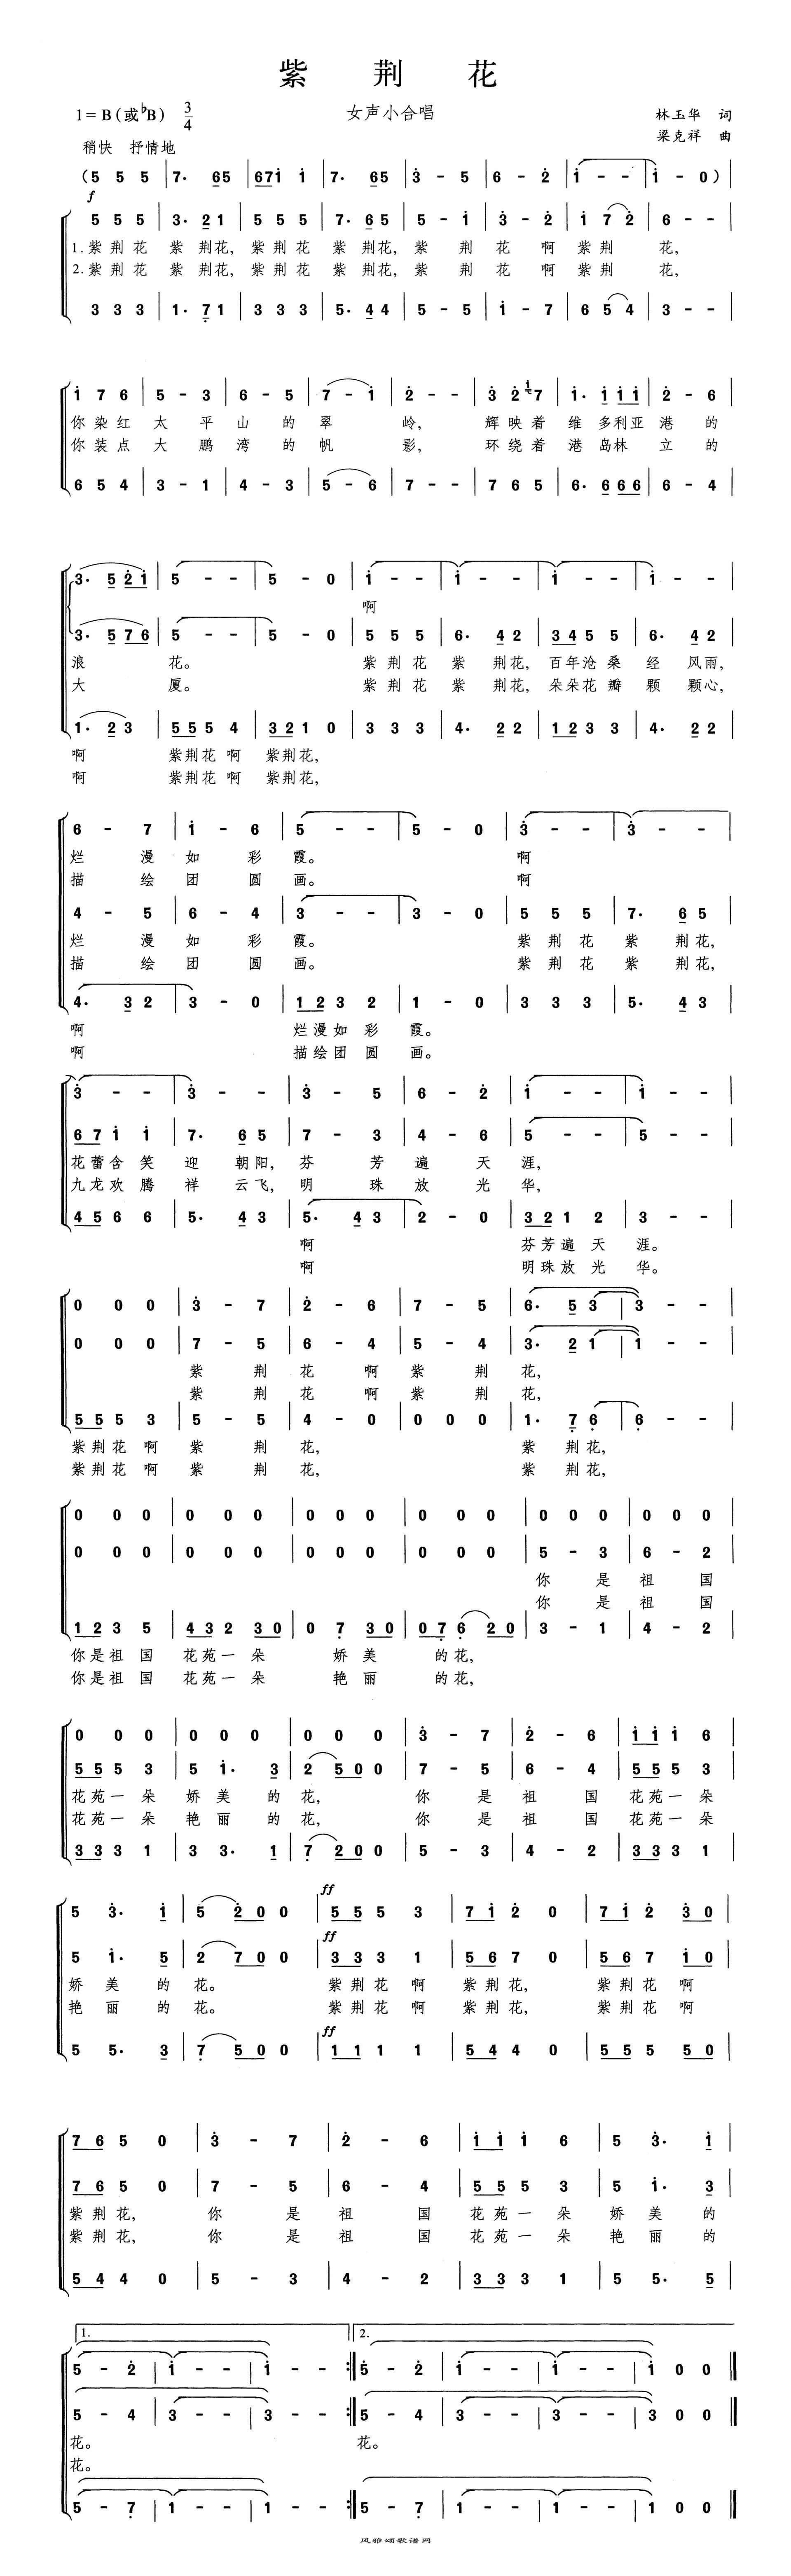 紫荆花(中国)高清打印歌谱简谱